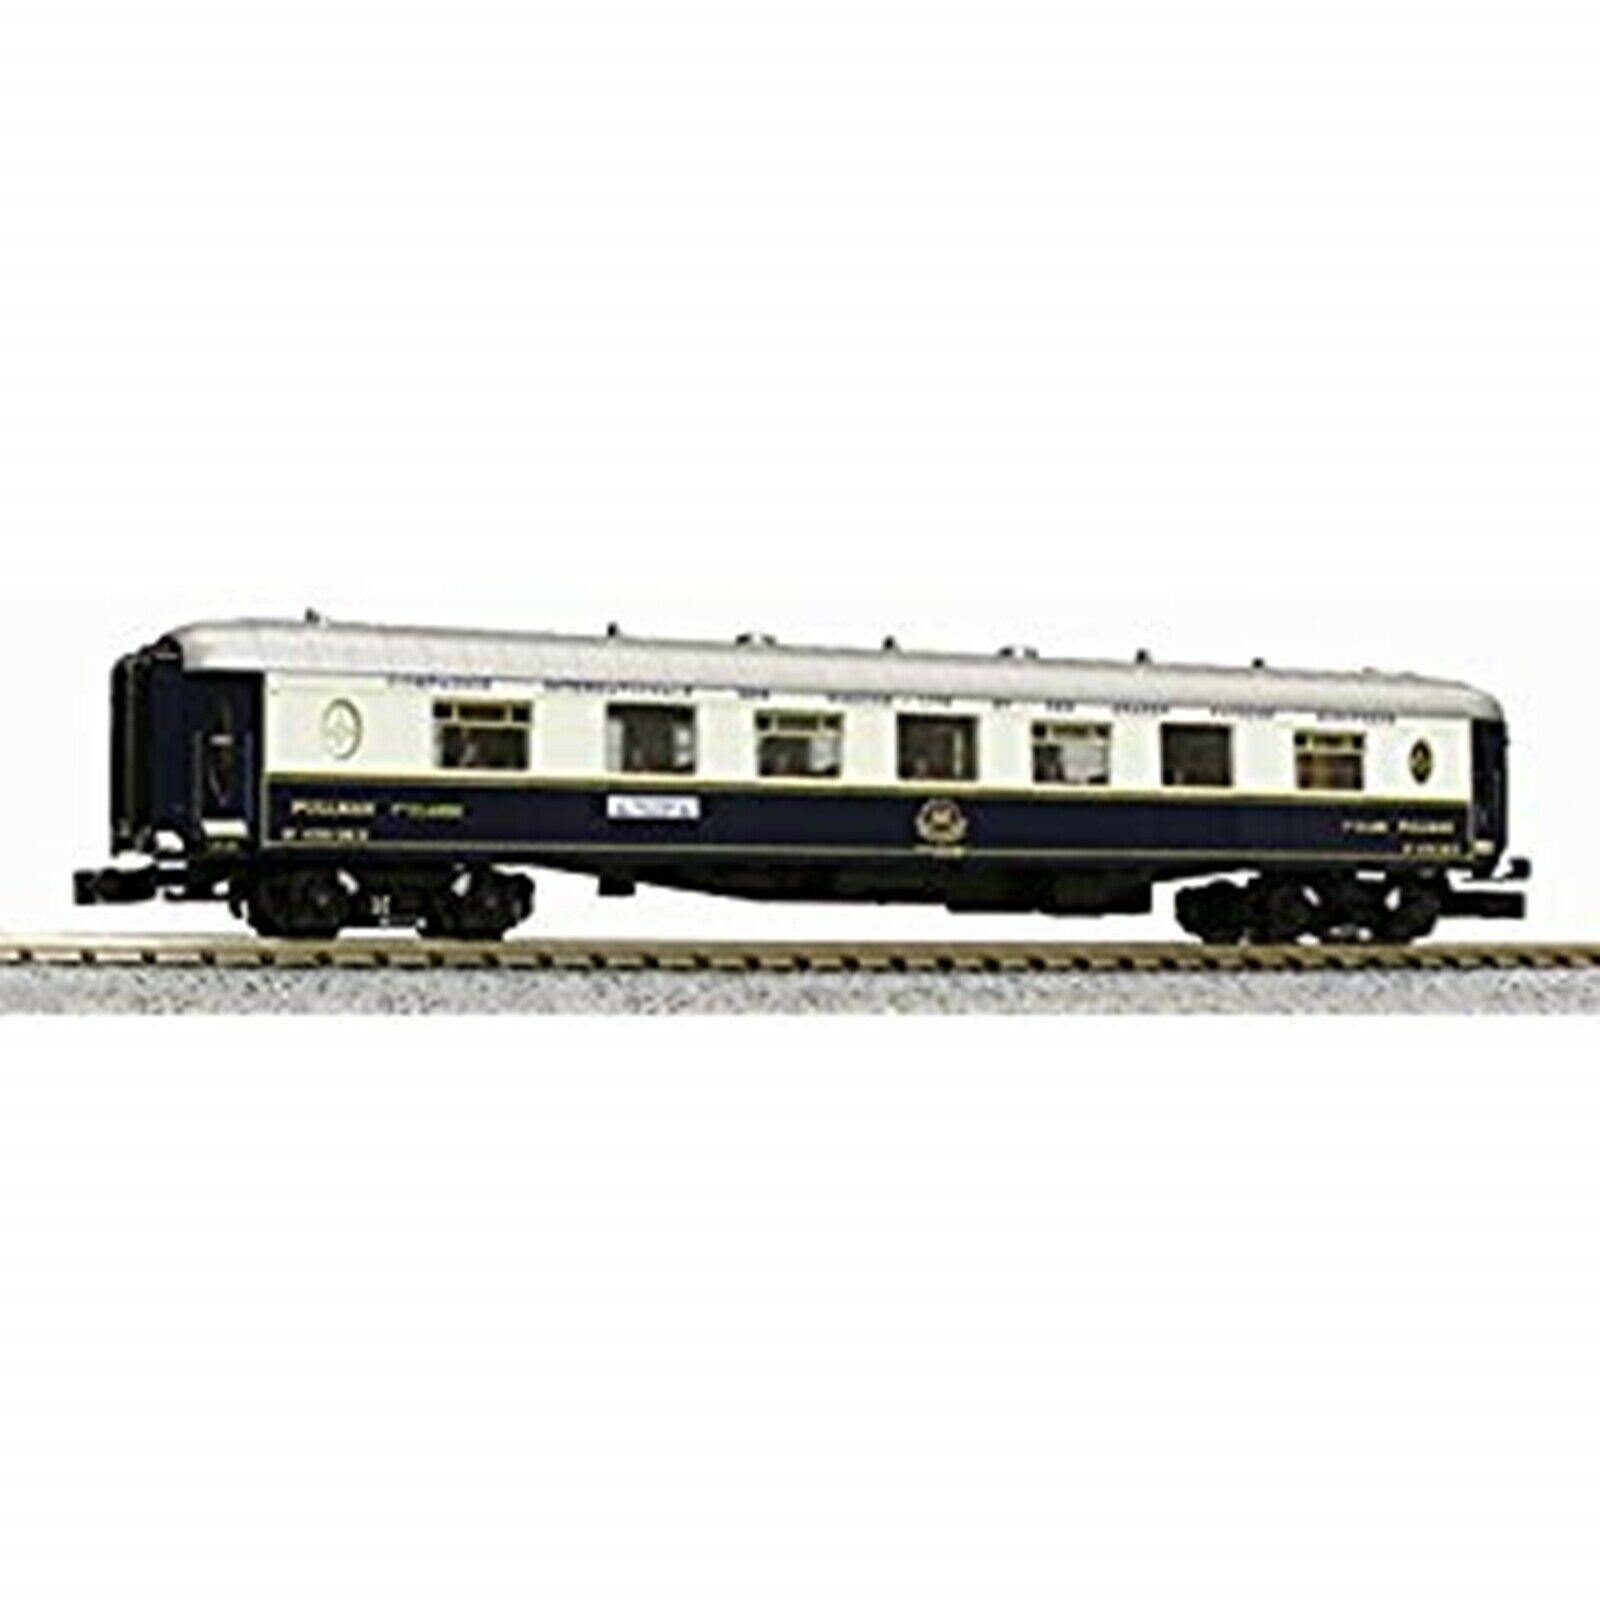 Kato N Calibre Orient Express 1988 7-Coche básica Set 10-561 modelo del ferroCocheril Pass Usado